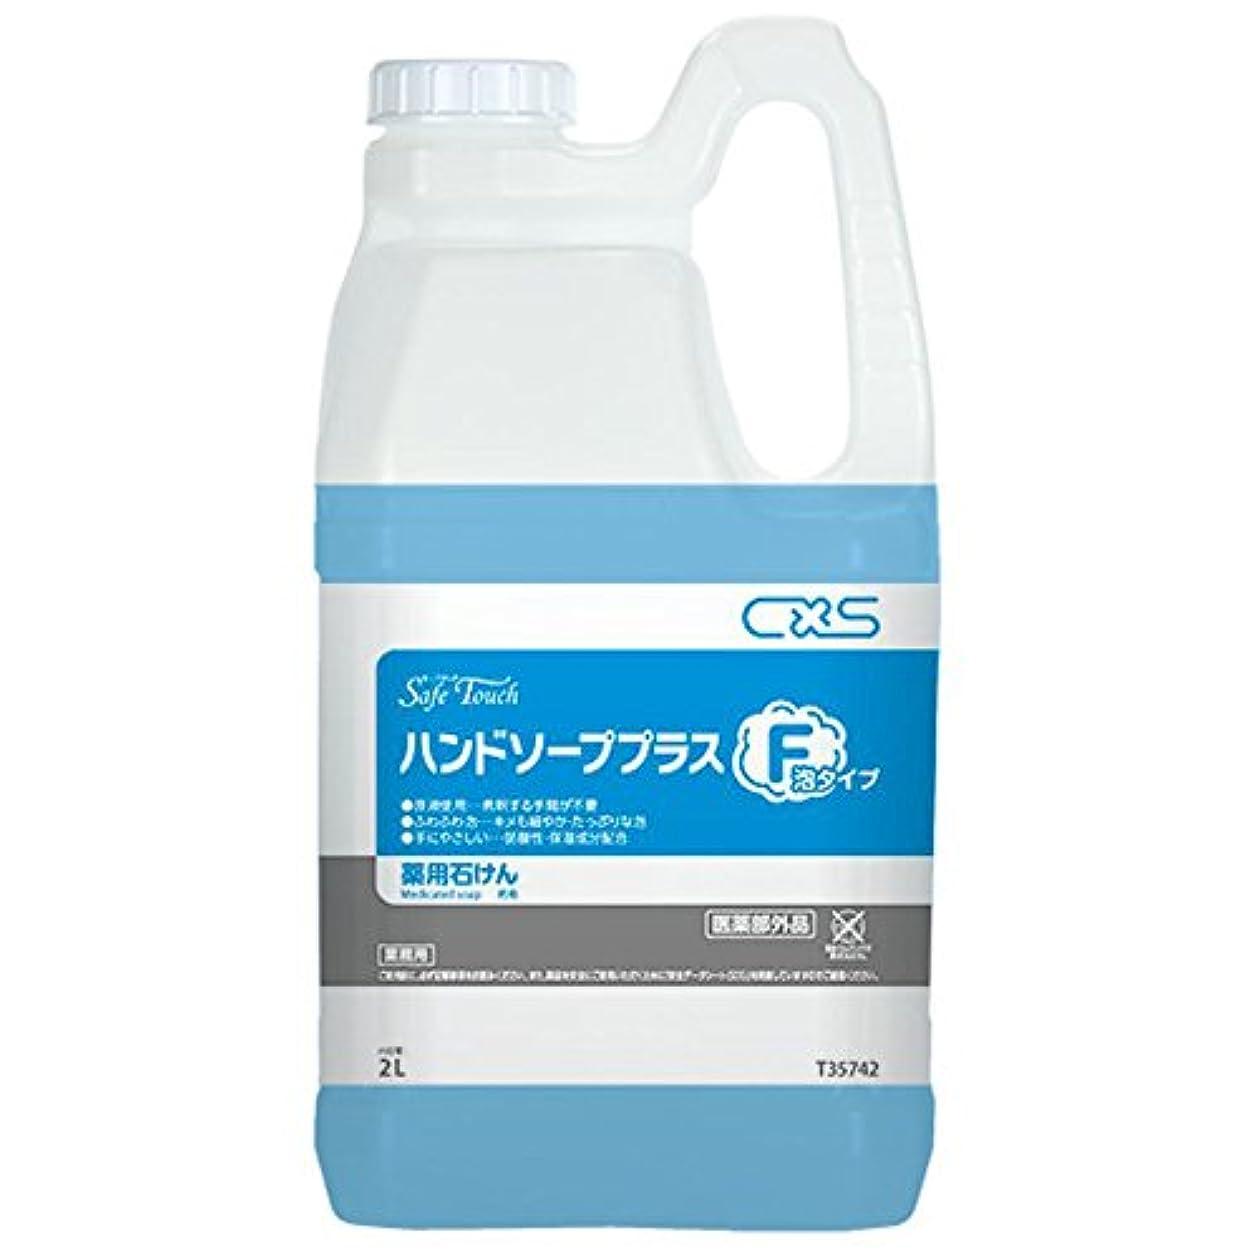 批評講義バンジョーシーバイエス(C×S) 殺菌?消毒用手洗い石けん セーフタッチハンドソーププラスF 2L